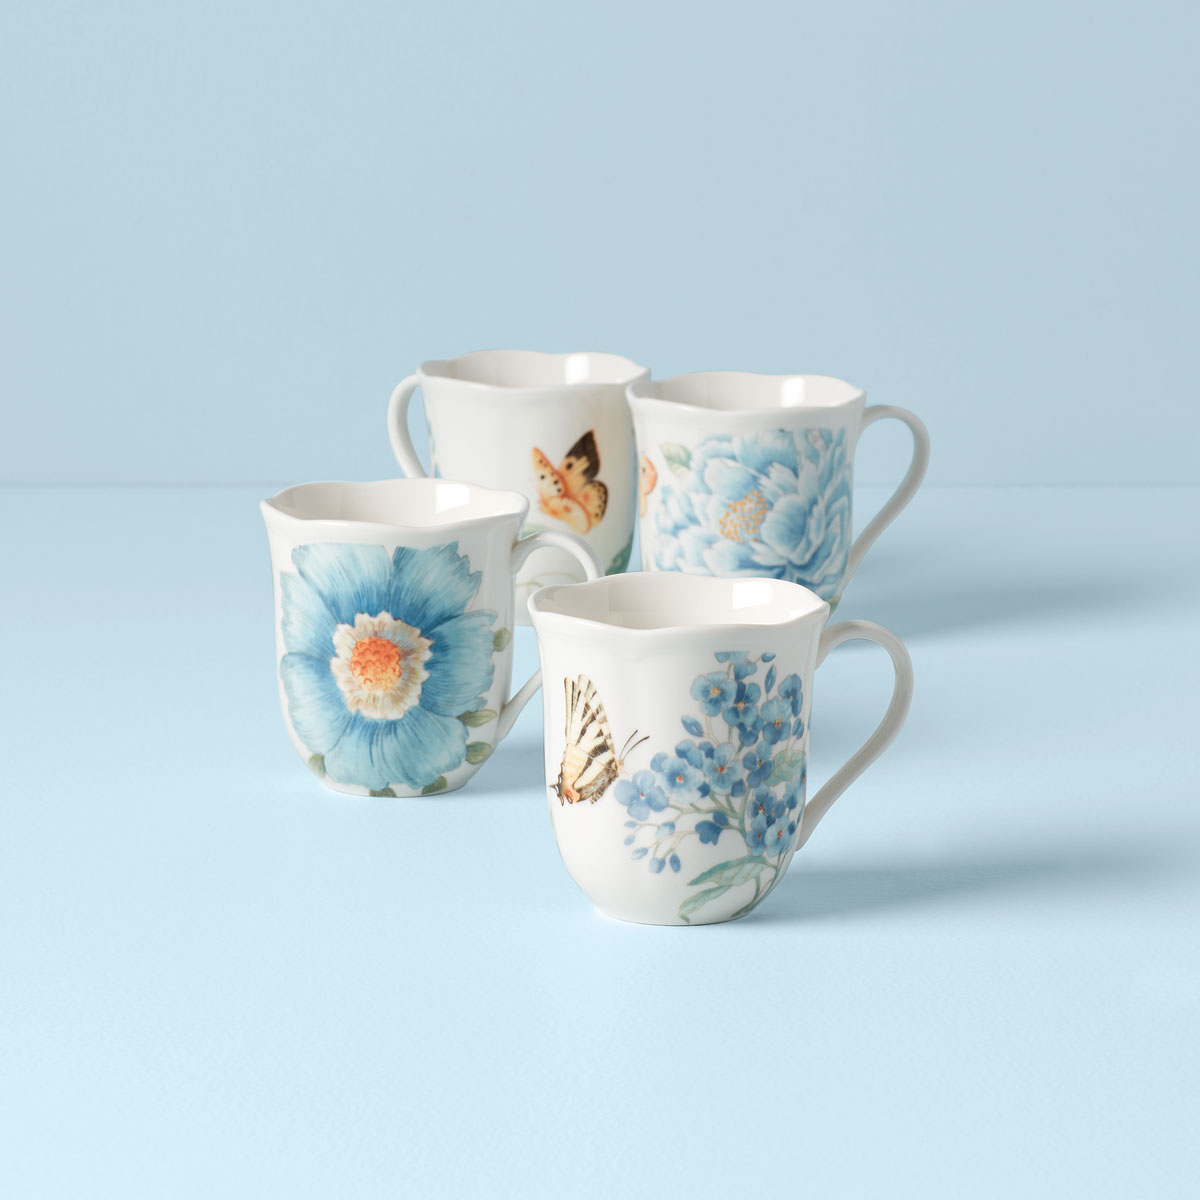 Lenox Butterfly Meadow Blue Dinnerware Mugs Set Of Four